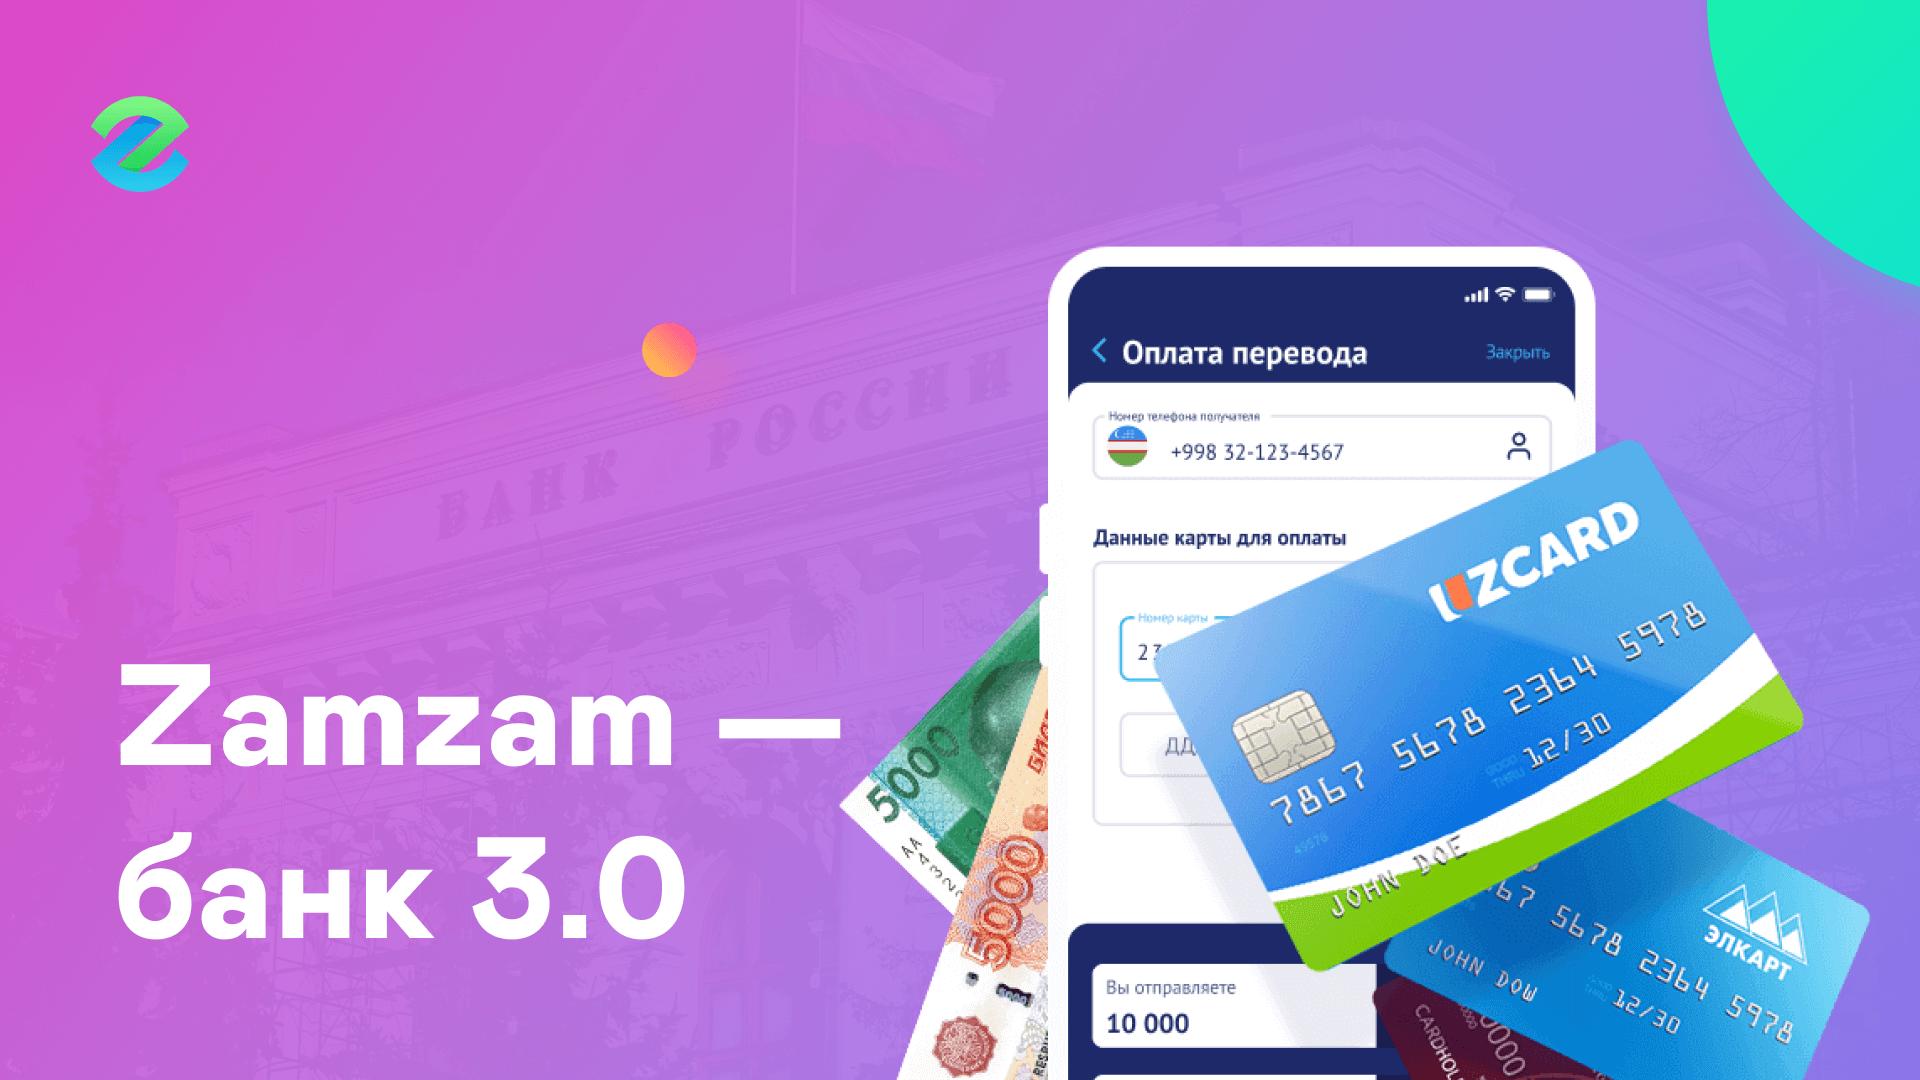 zamzam bank 3.0 - Zamzam - банк 3.0